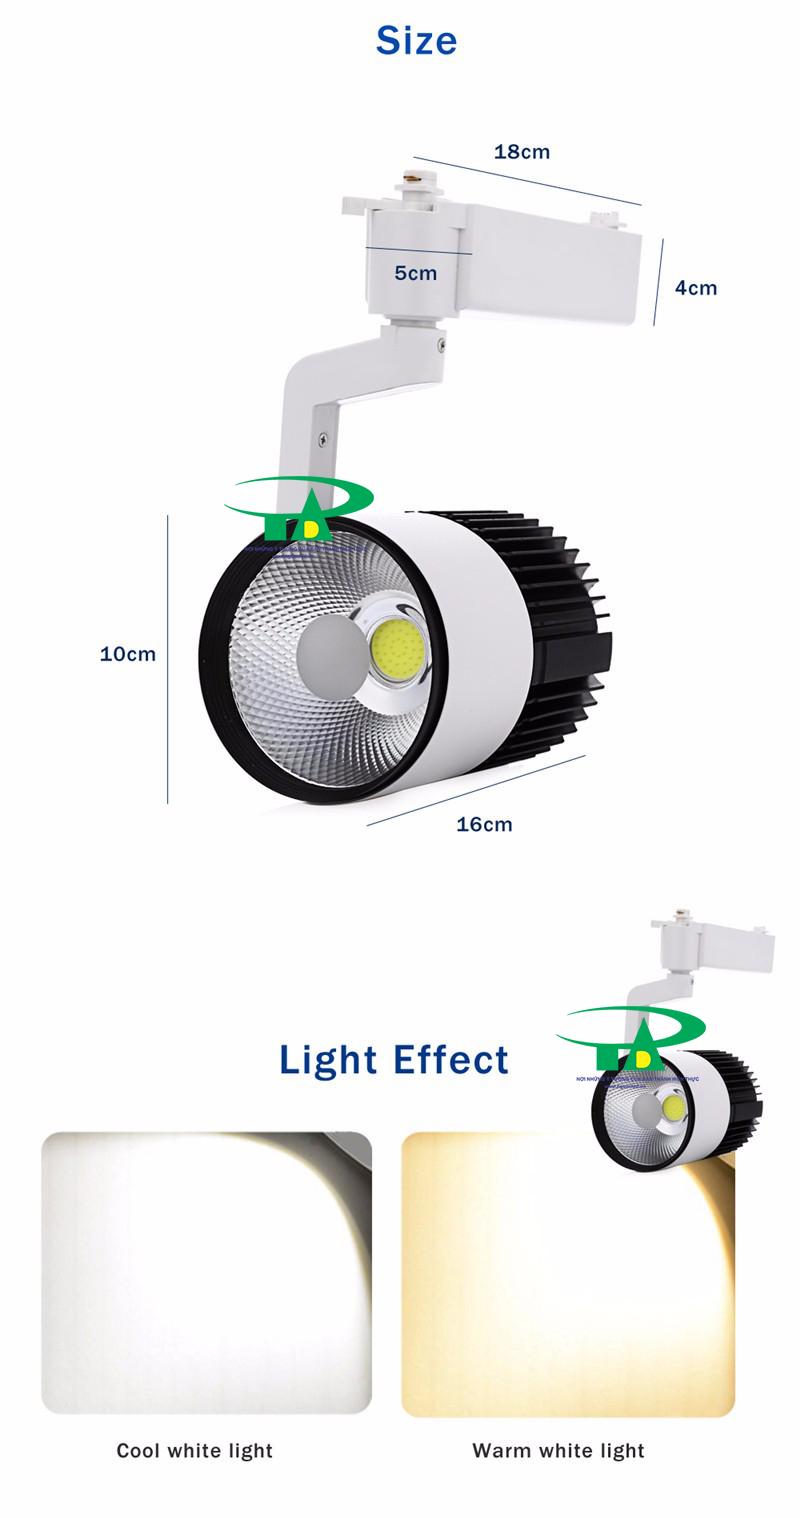 Đèn led thanh ray loại tốt, giá rẻ tại nguonled.vn